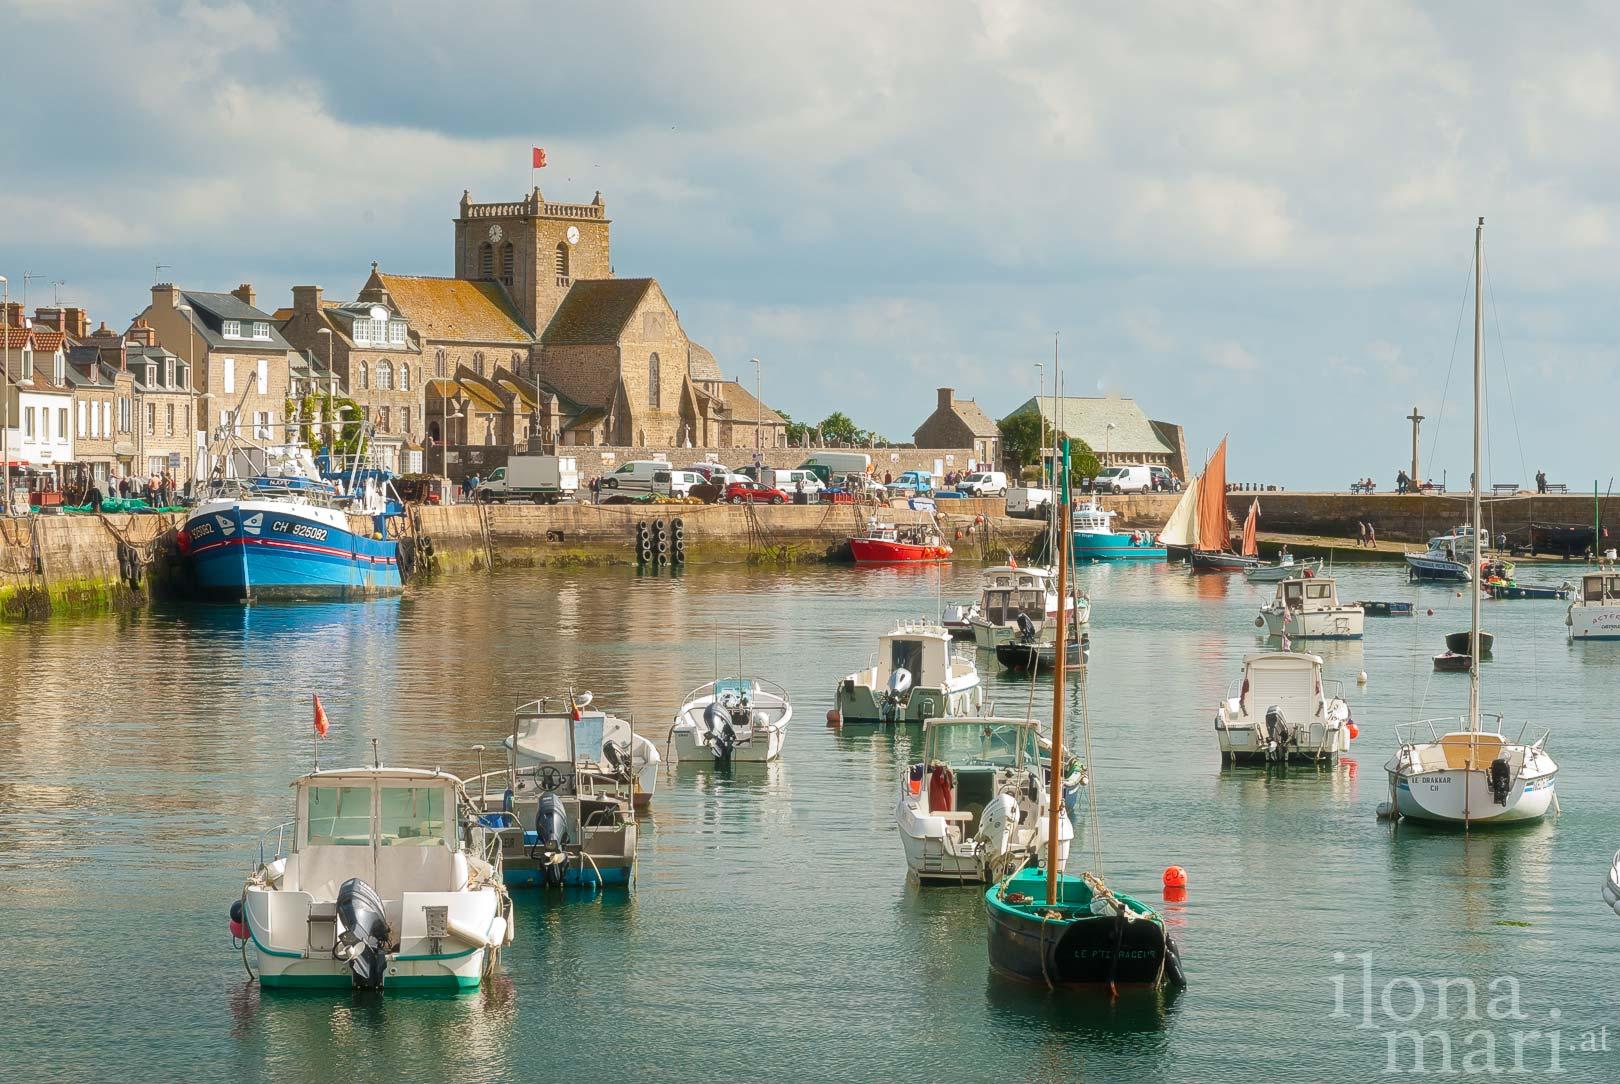 Freizeitschiffe und Fischerboote ankern im Hafenbecken von Barfleur